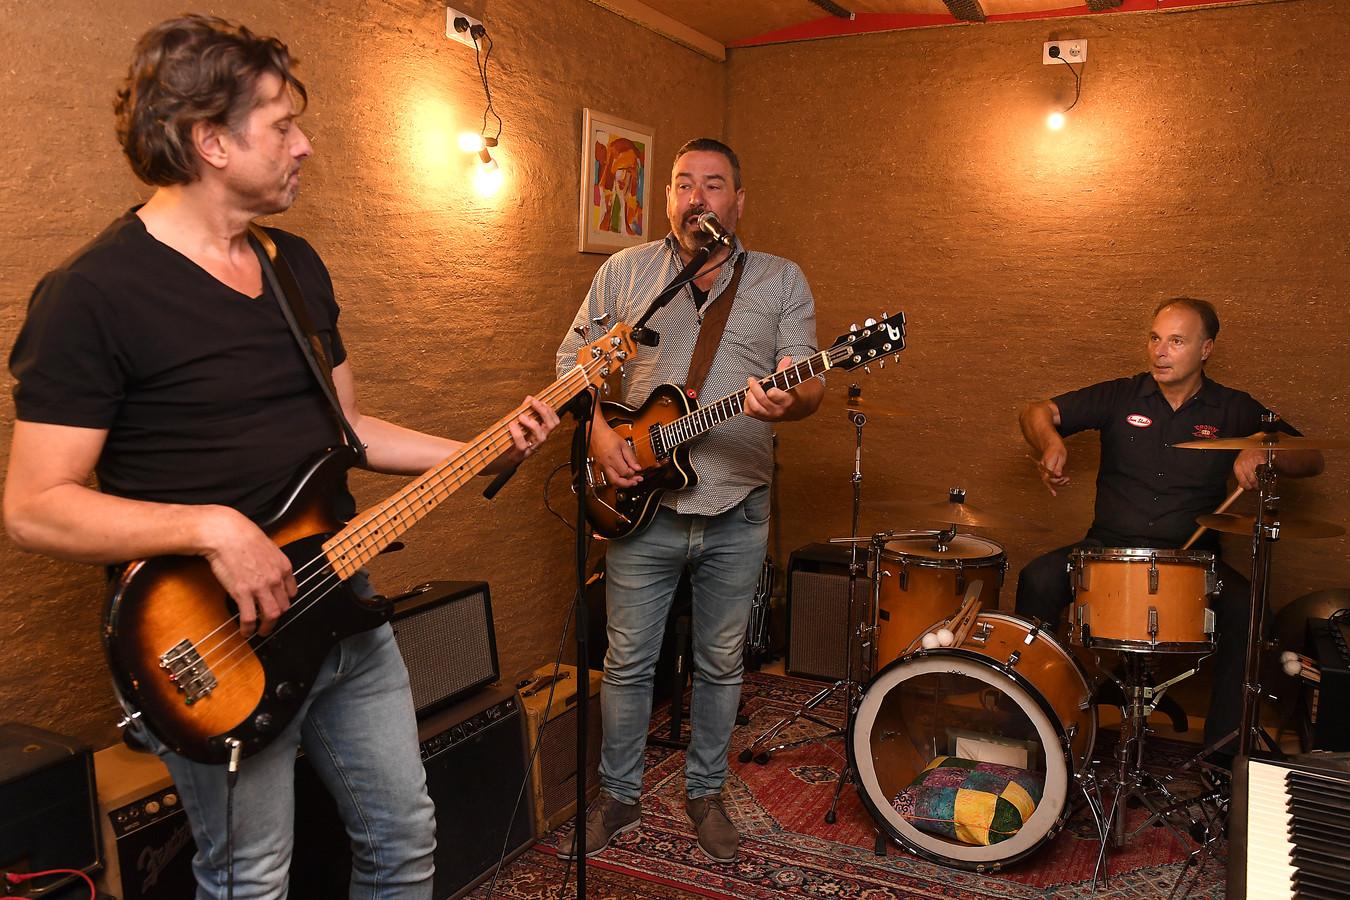 Vlnr: Jan van Heumen; Berno van Soest; Dominique Maassen.